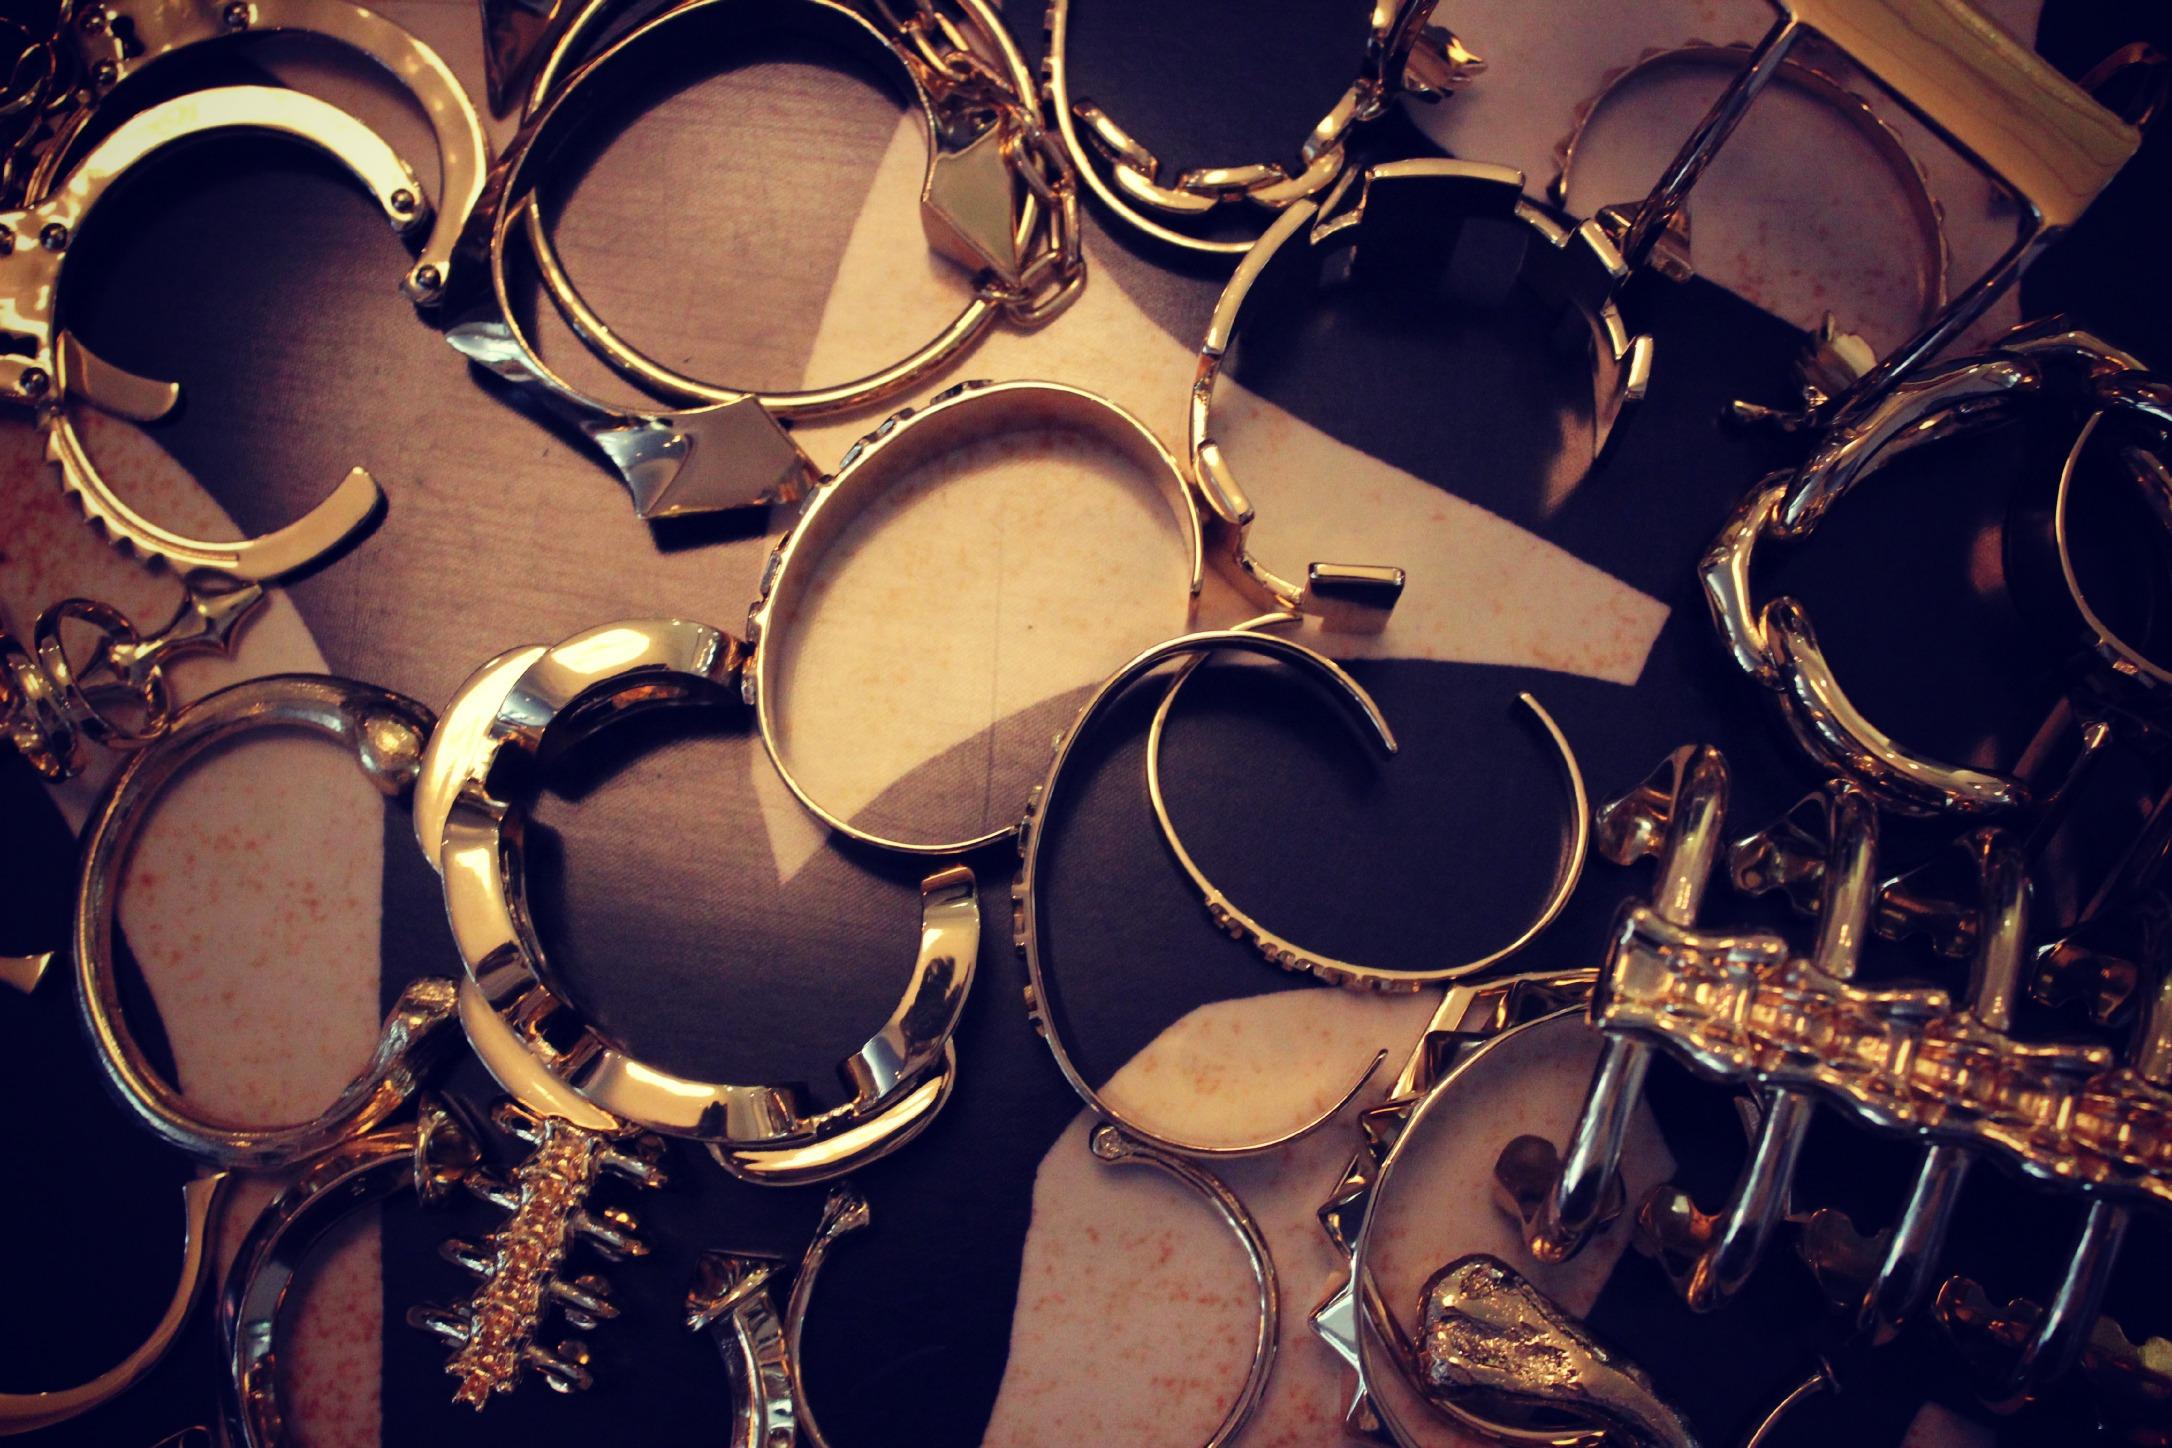 jennifer-fisher-jewelry-the-fancy-bridget-helene